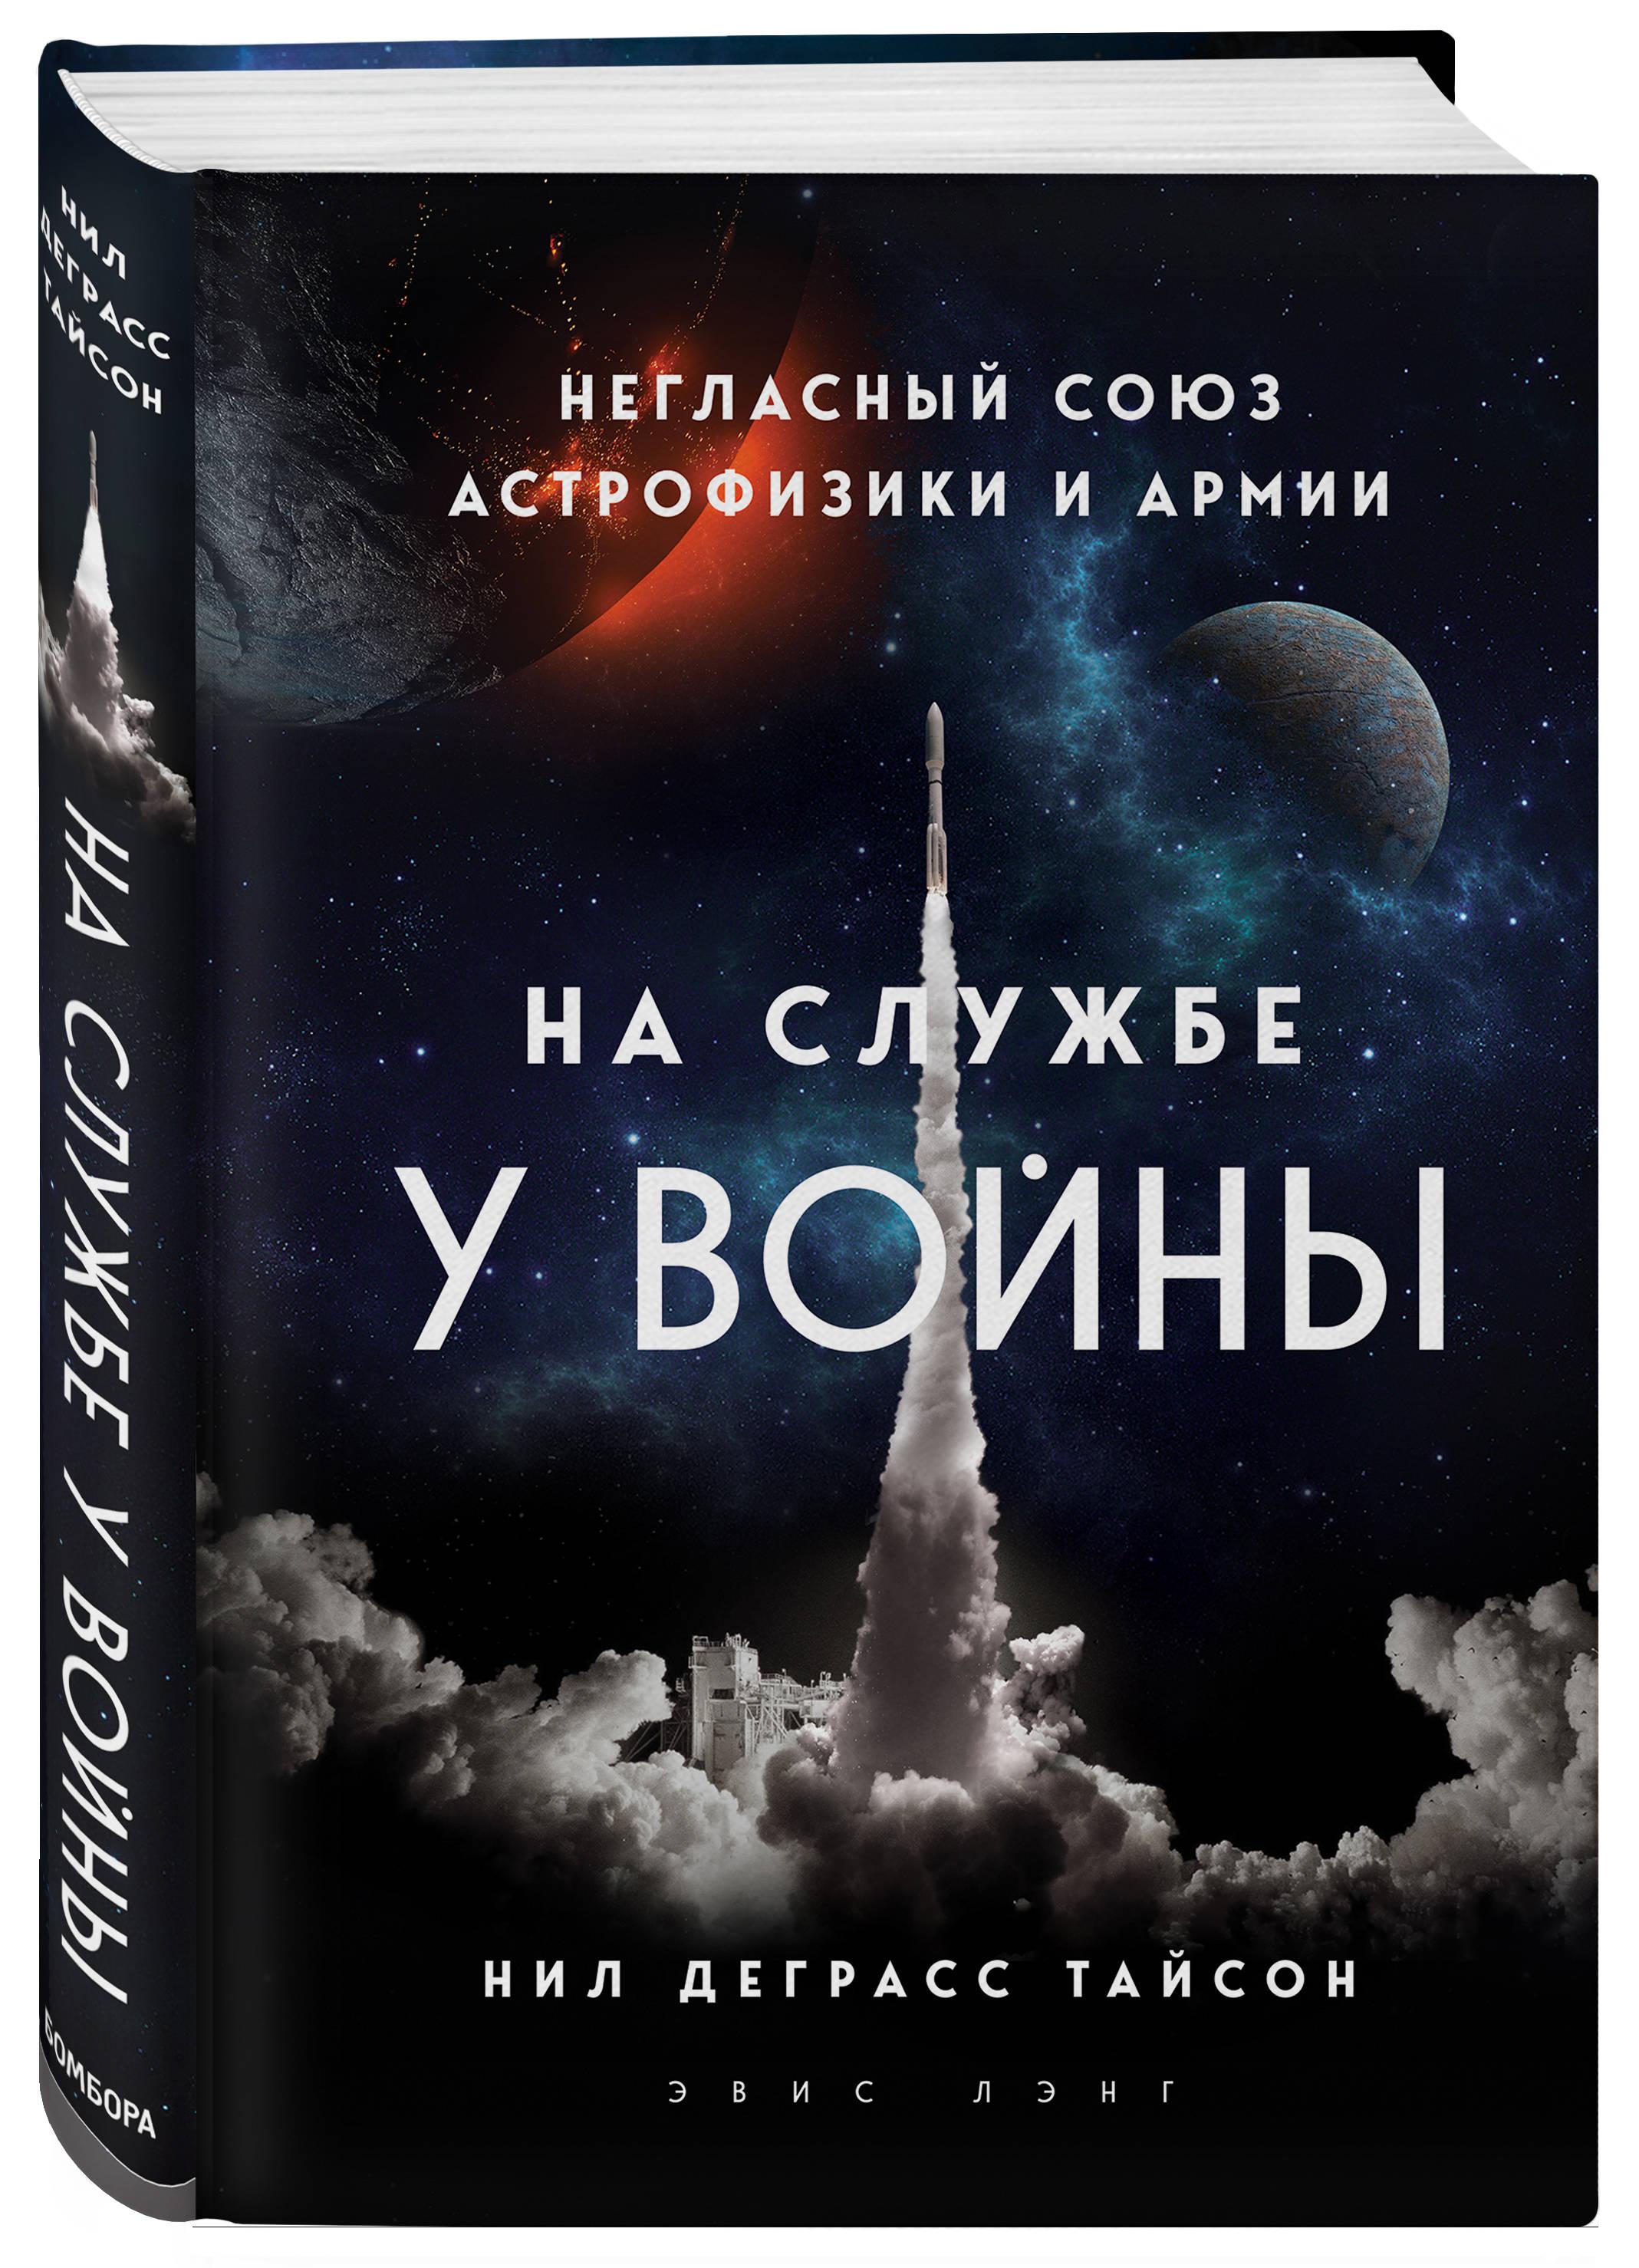 https://bombora.ru/upload/iblock/ed6/cover3d.jpg